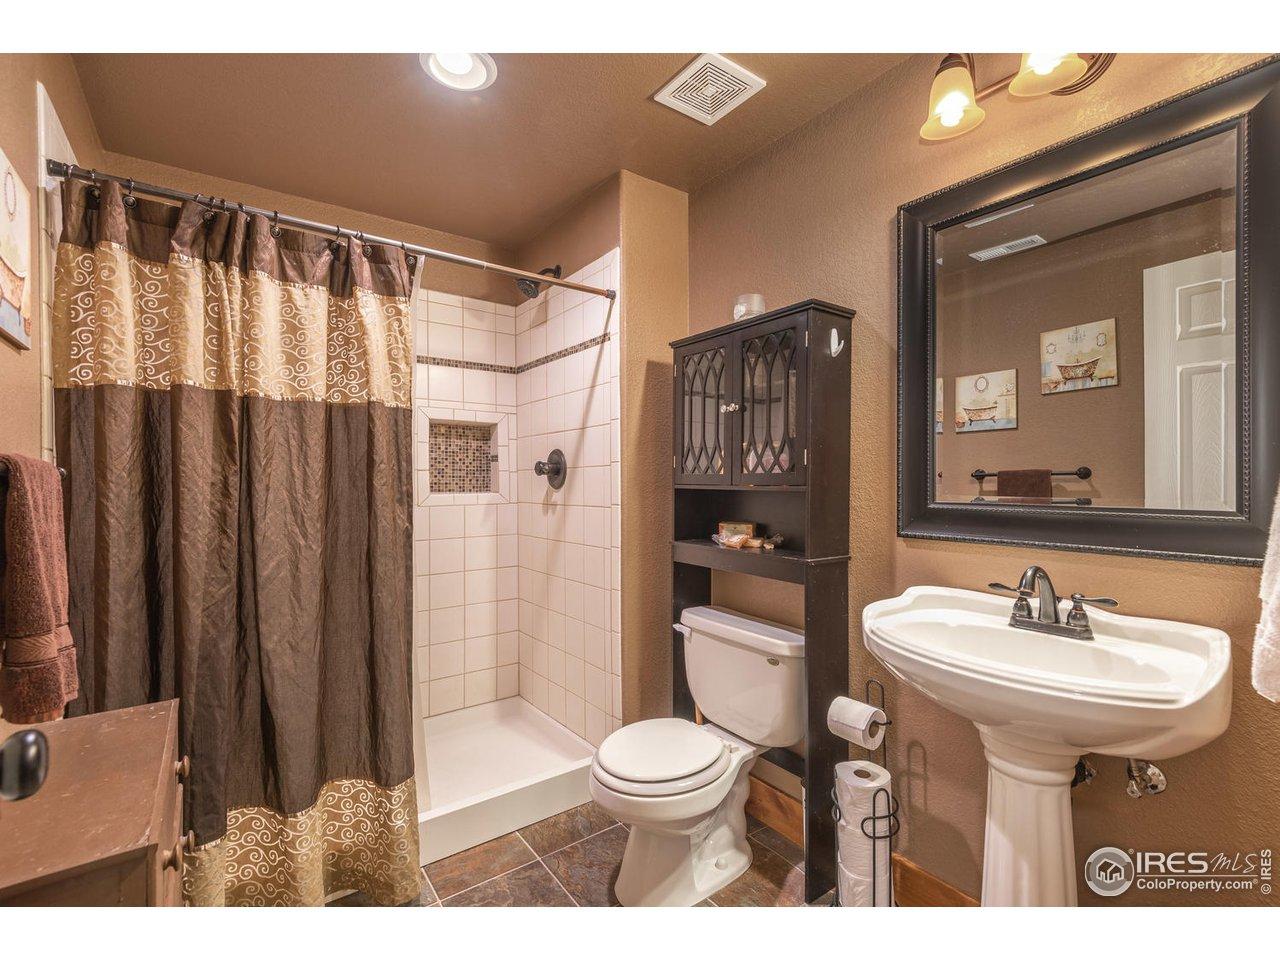 3/4 basement bath